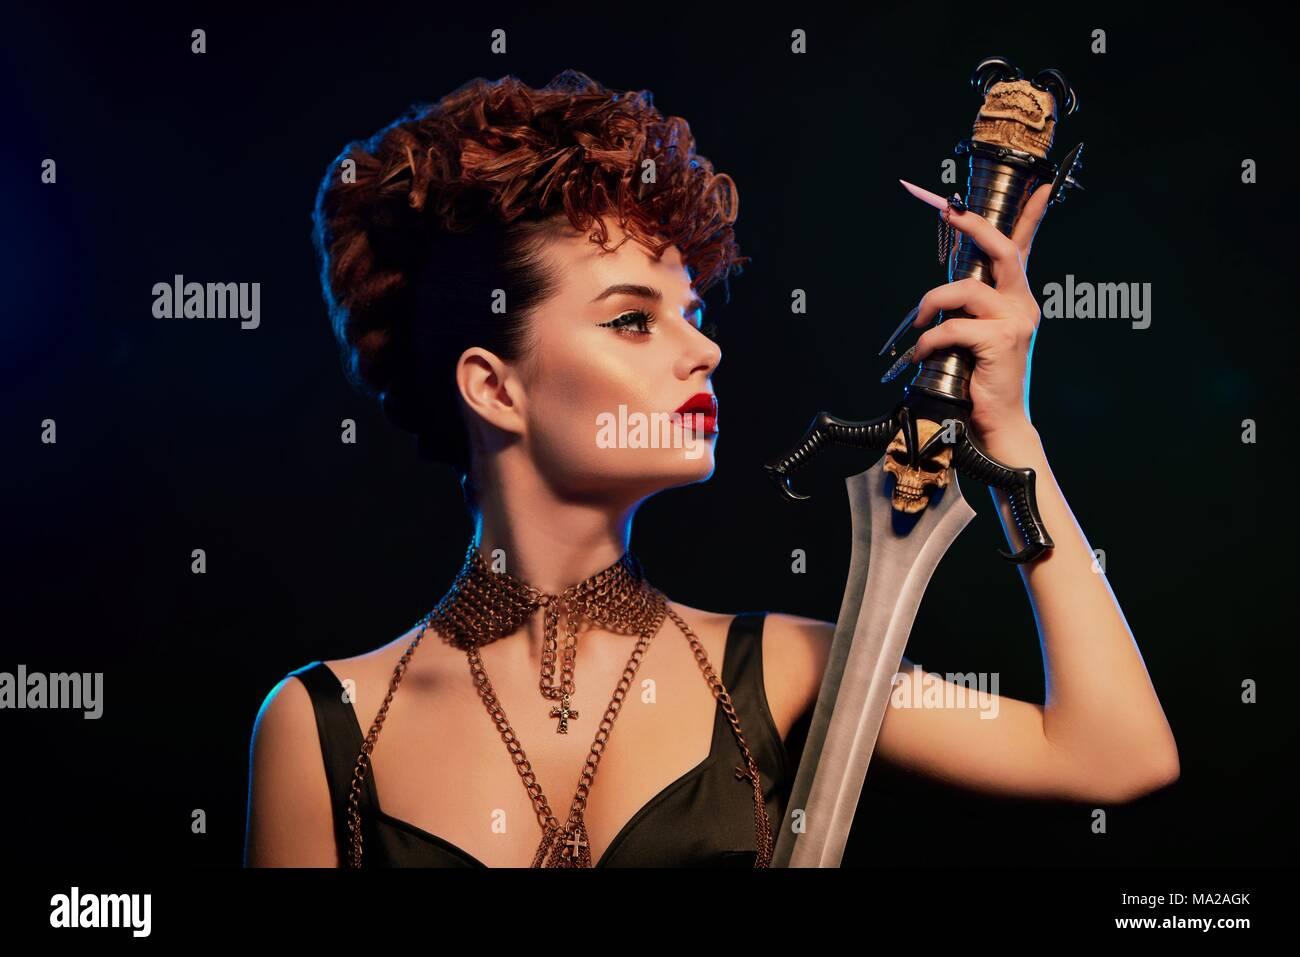 Modische junge Modell mit hellen Stellen halten Stahl Schwert mit schwarzen Schädel. Frau mit stilvollen hairdress mit wenig curles. Frauen in Schwarz top mit schmalen Ketten. Zuversichtlich original. Stockbild